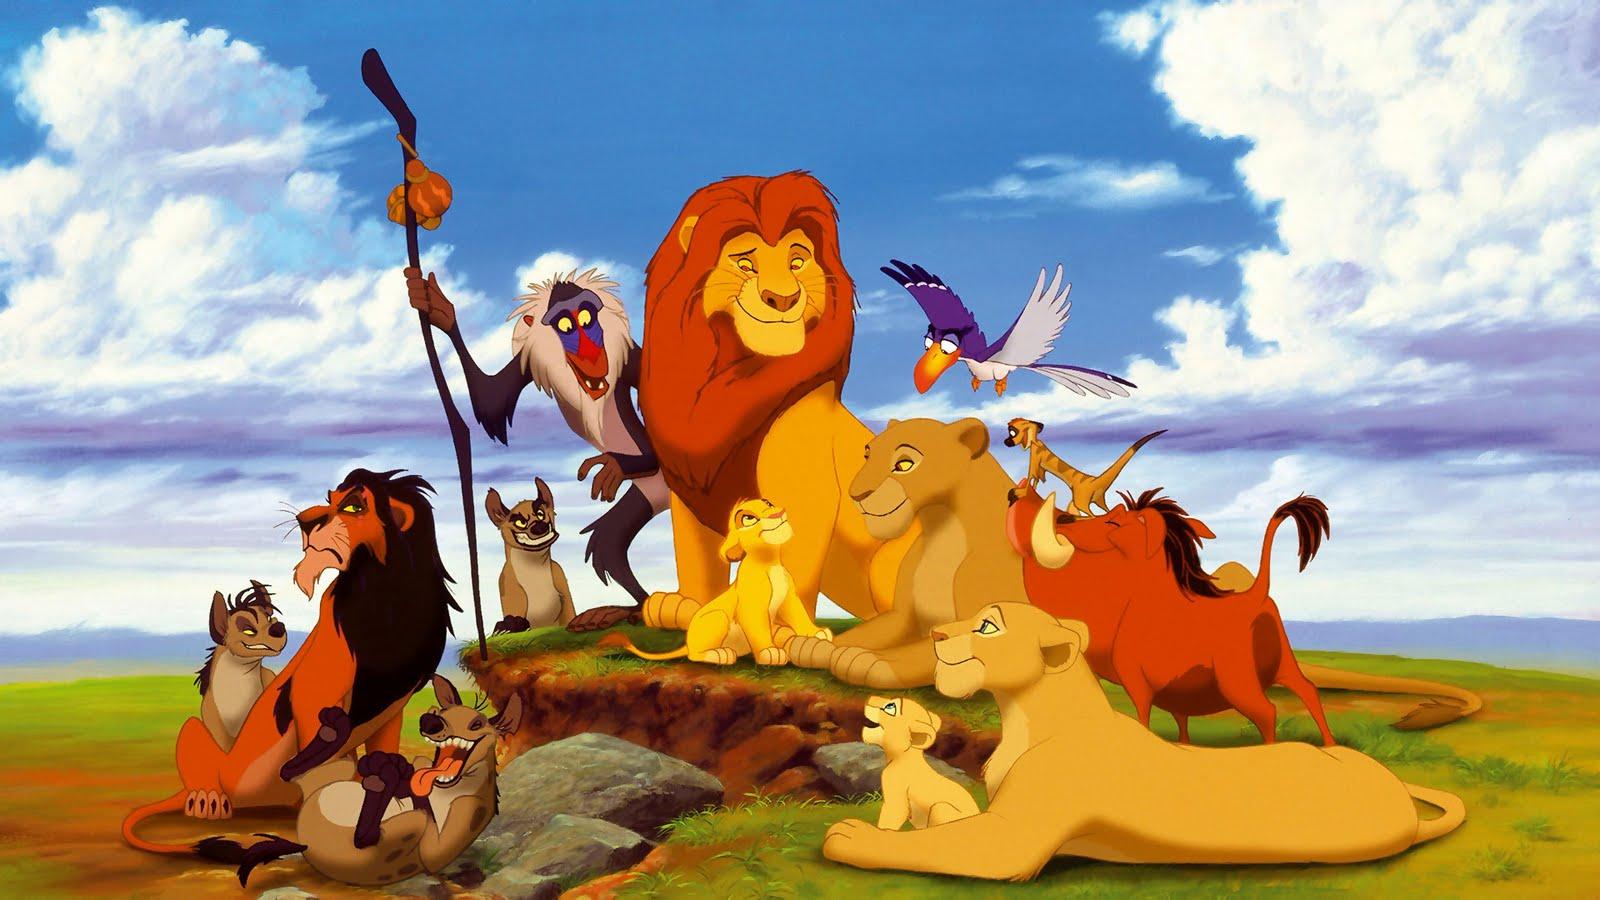 http://2.bp.blogspot.com/-Ev4qpK-qnts/TsccuCW4-CI/AAAAAAAAAhQ/mGYg4Ub5rGI/s1600/lion-king-hd-5-764307.jpg